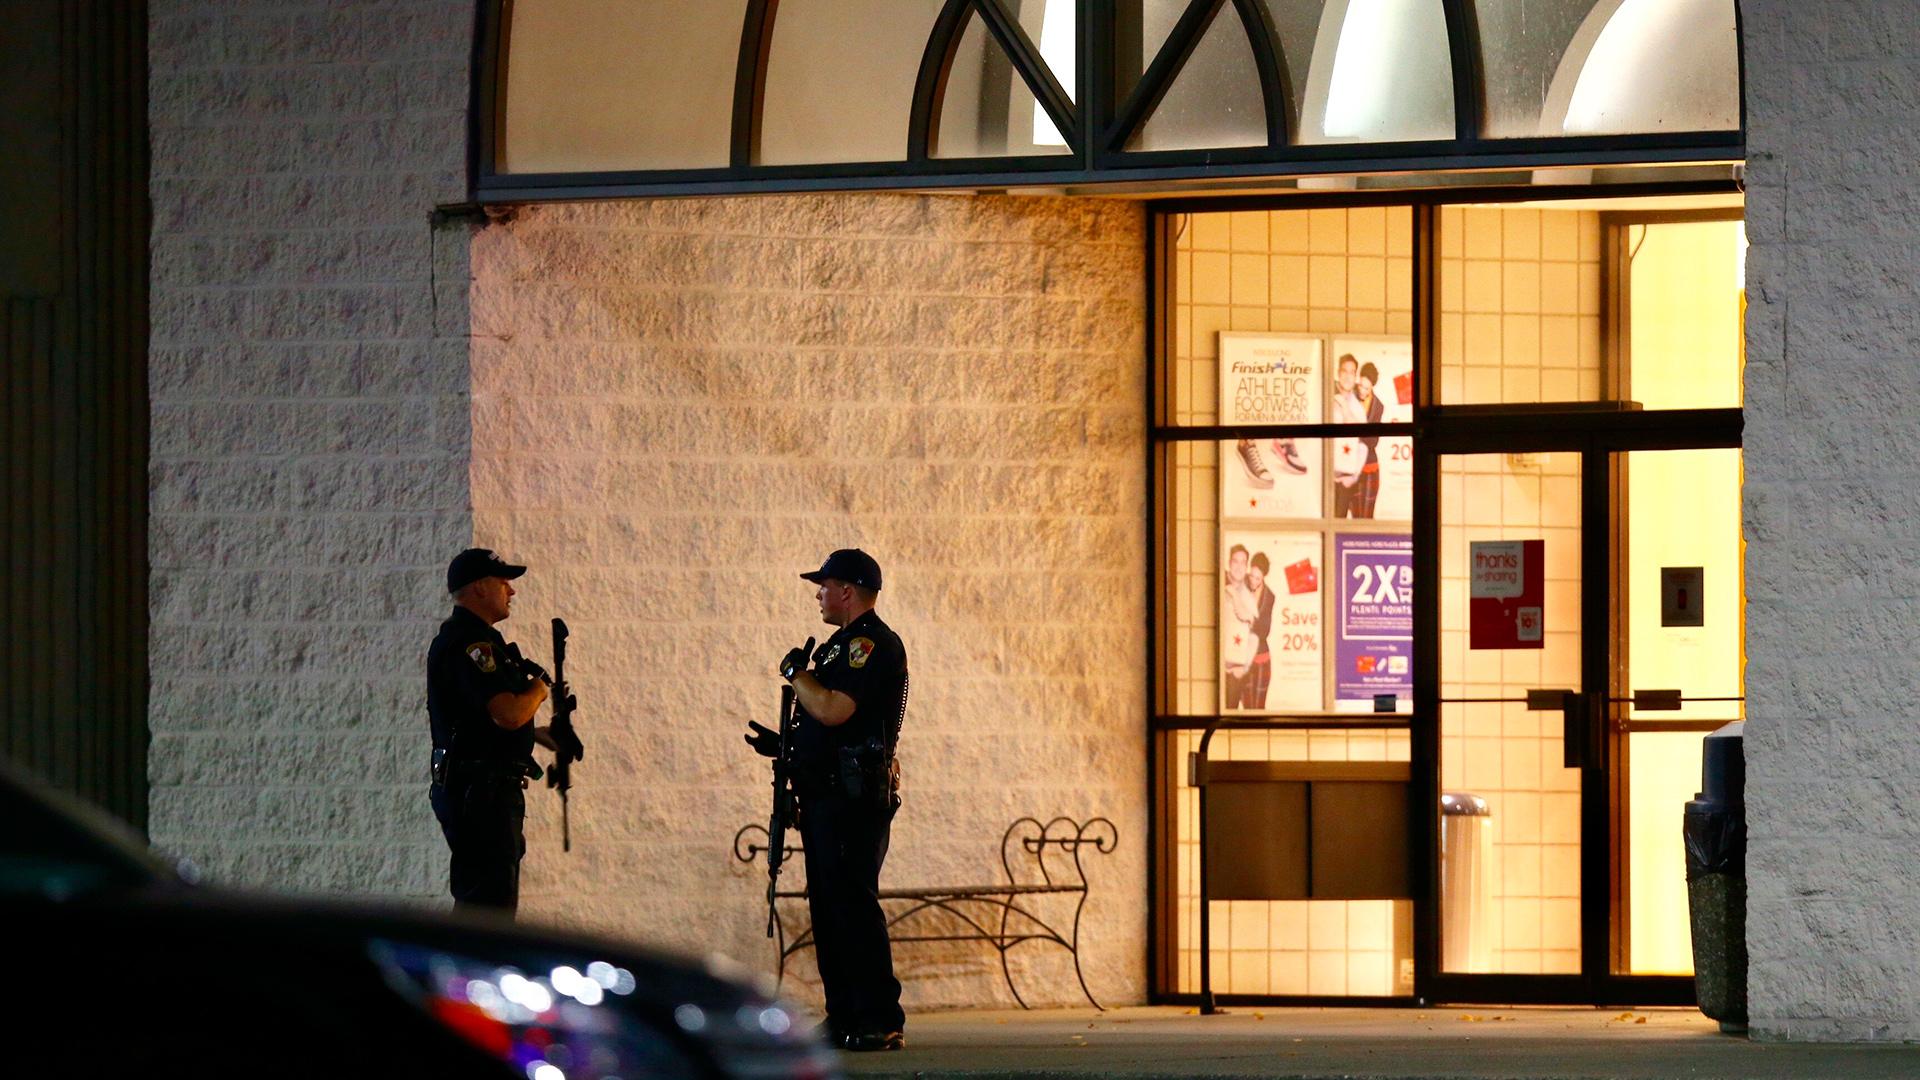 AP/ En un primer momento la policía había hablado de 4 muertos, pero finalmente la información fue corregida